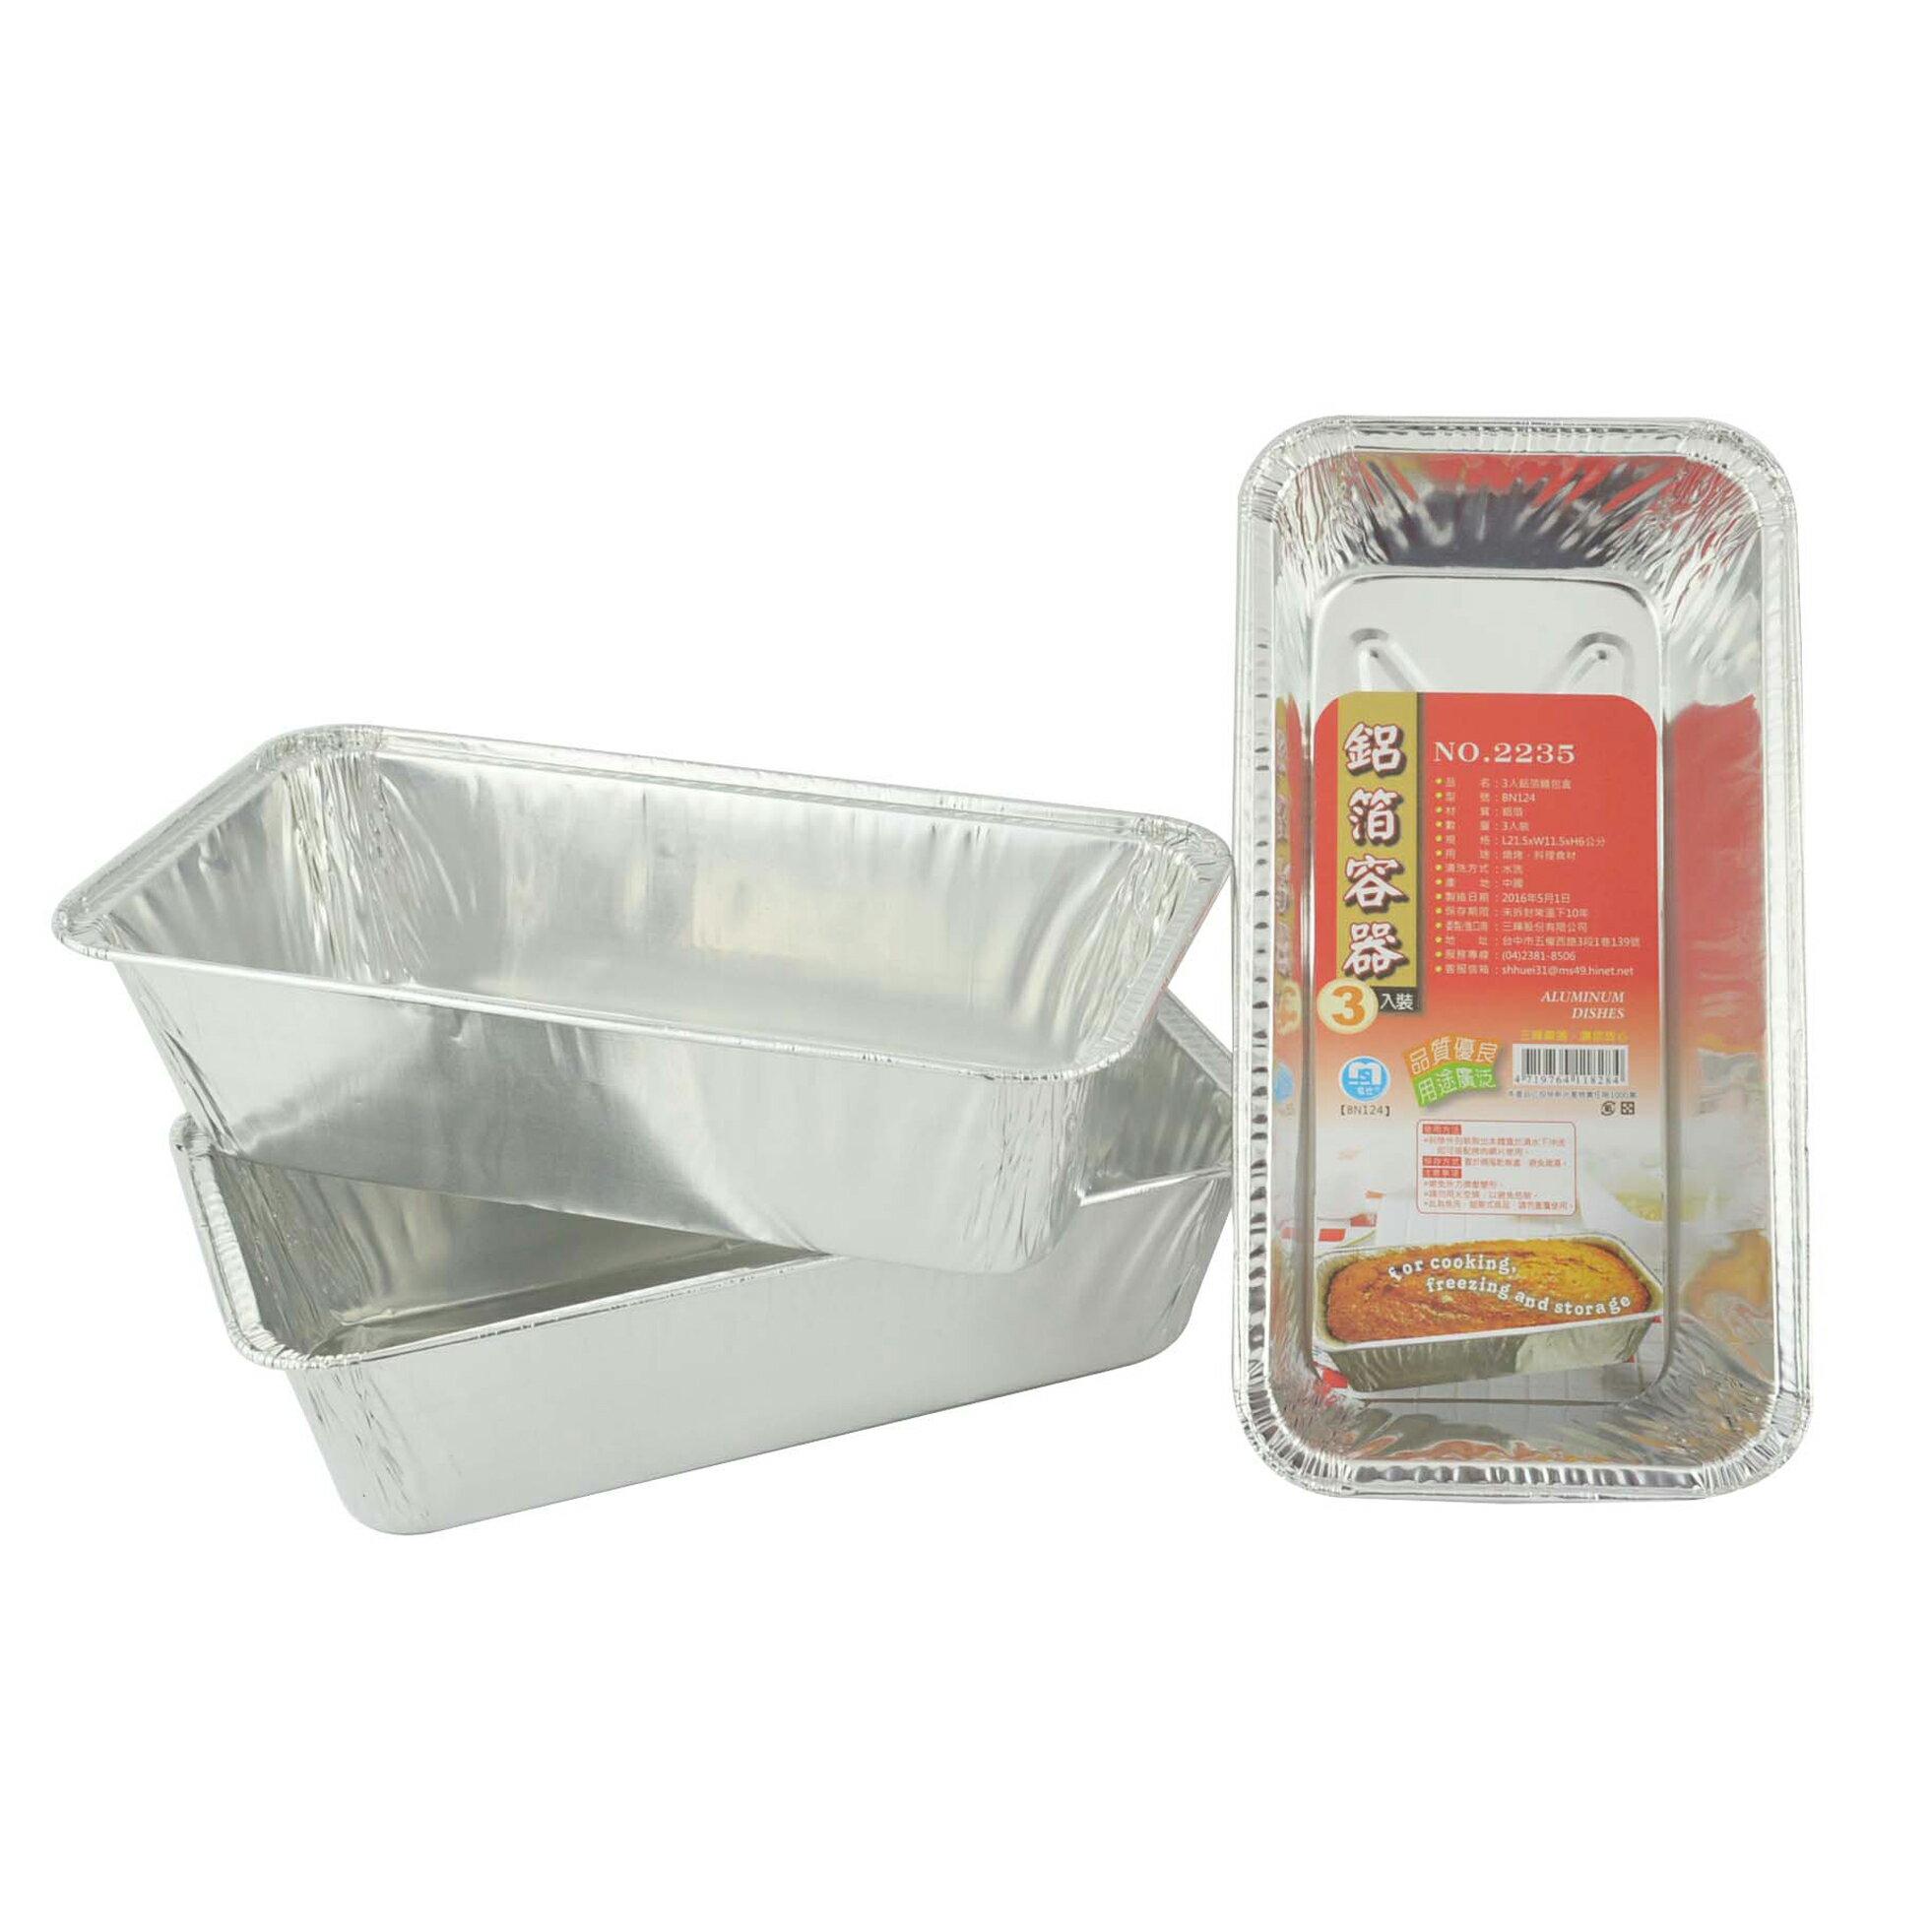 3入鋁箔麵包盒NO.2235 鋁箔容器 免洗餐具 麵包盒 鋁箔盒 鋁箔碗 焗烤盒 烤肉鋁箔盒 錫紙盒 燒烤 烘焙盒 烤箱盒